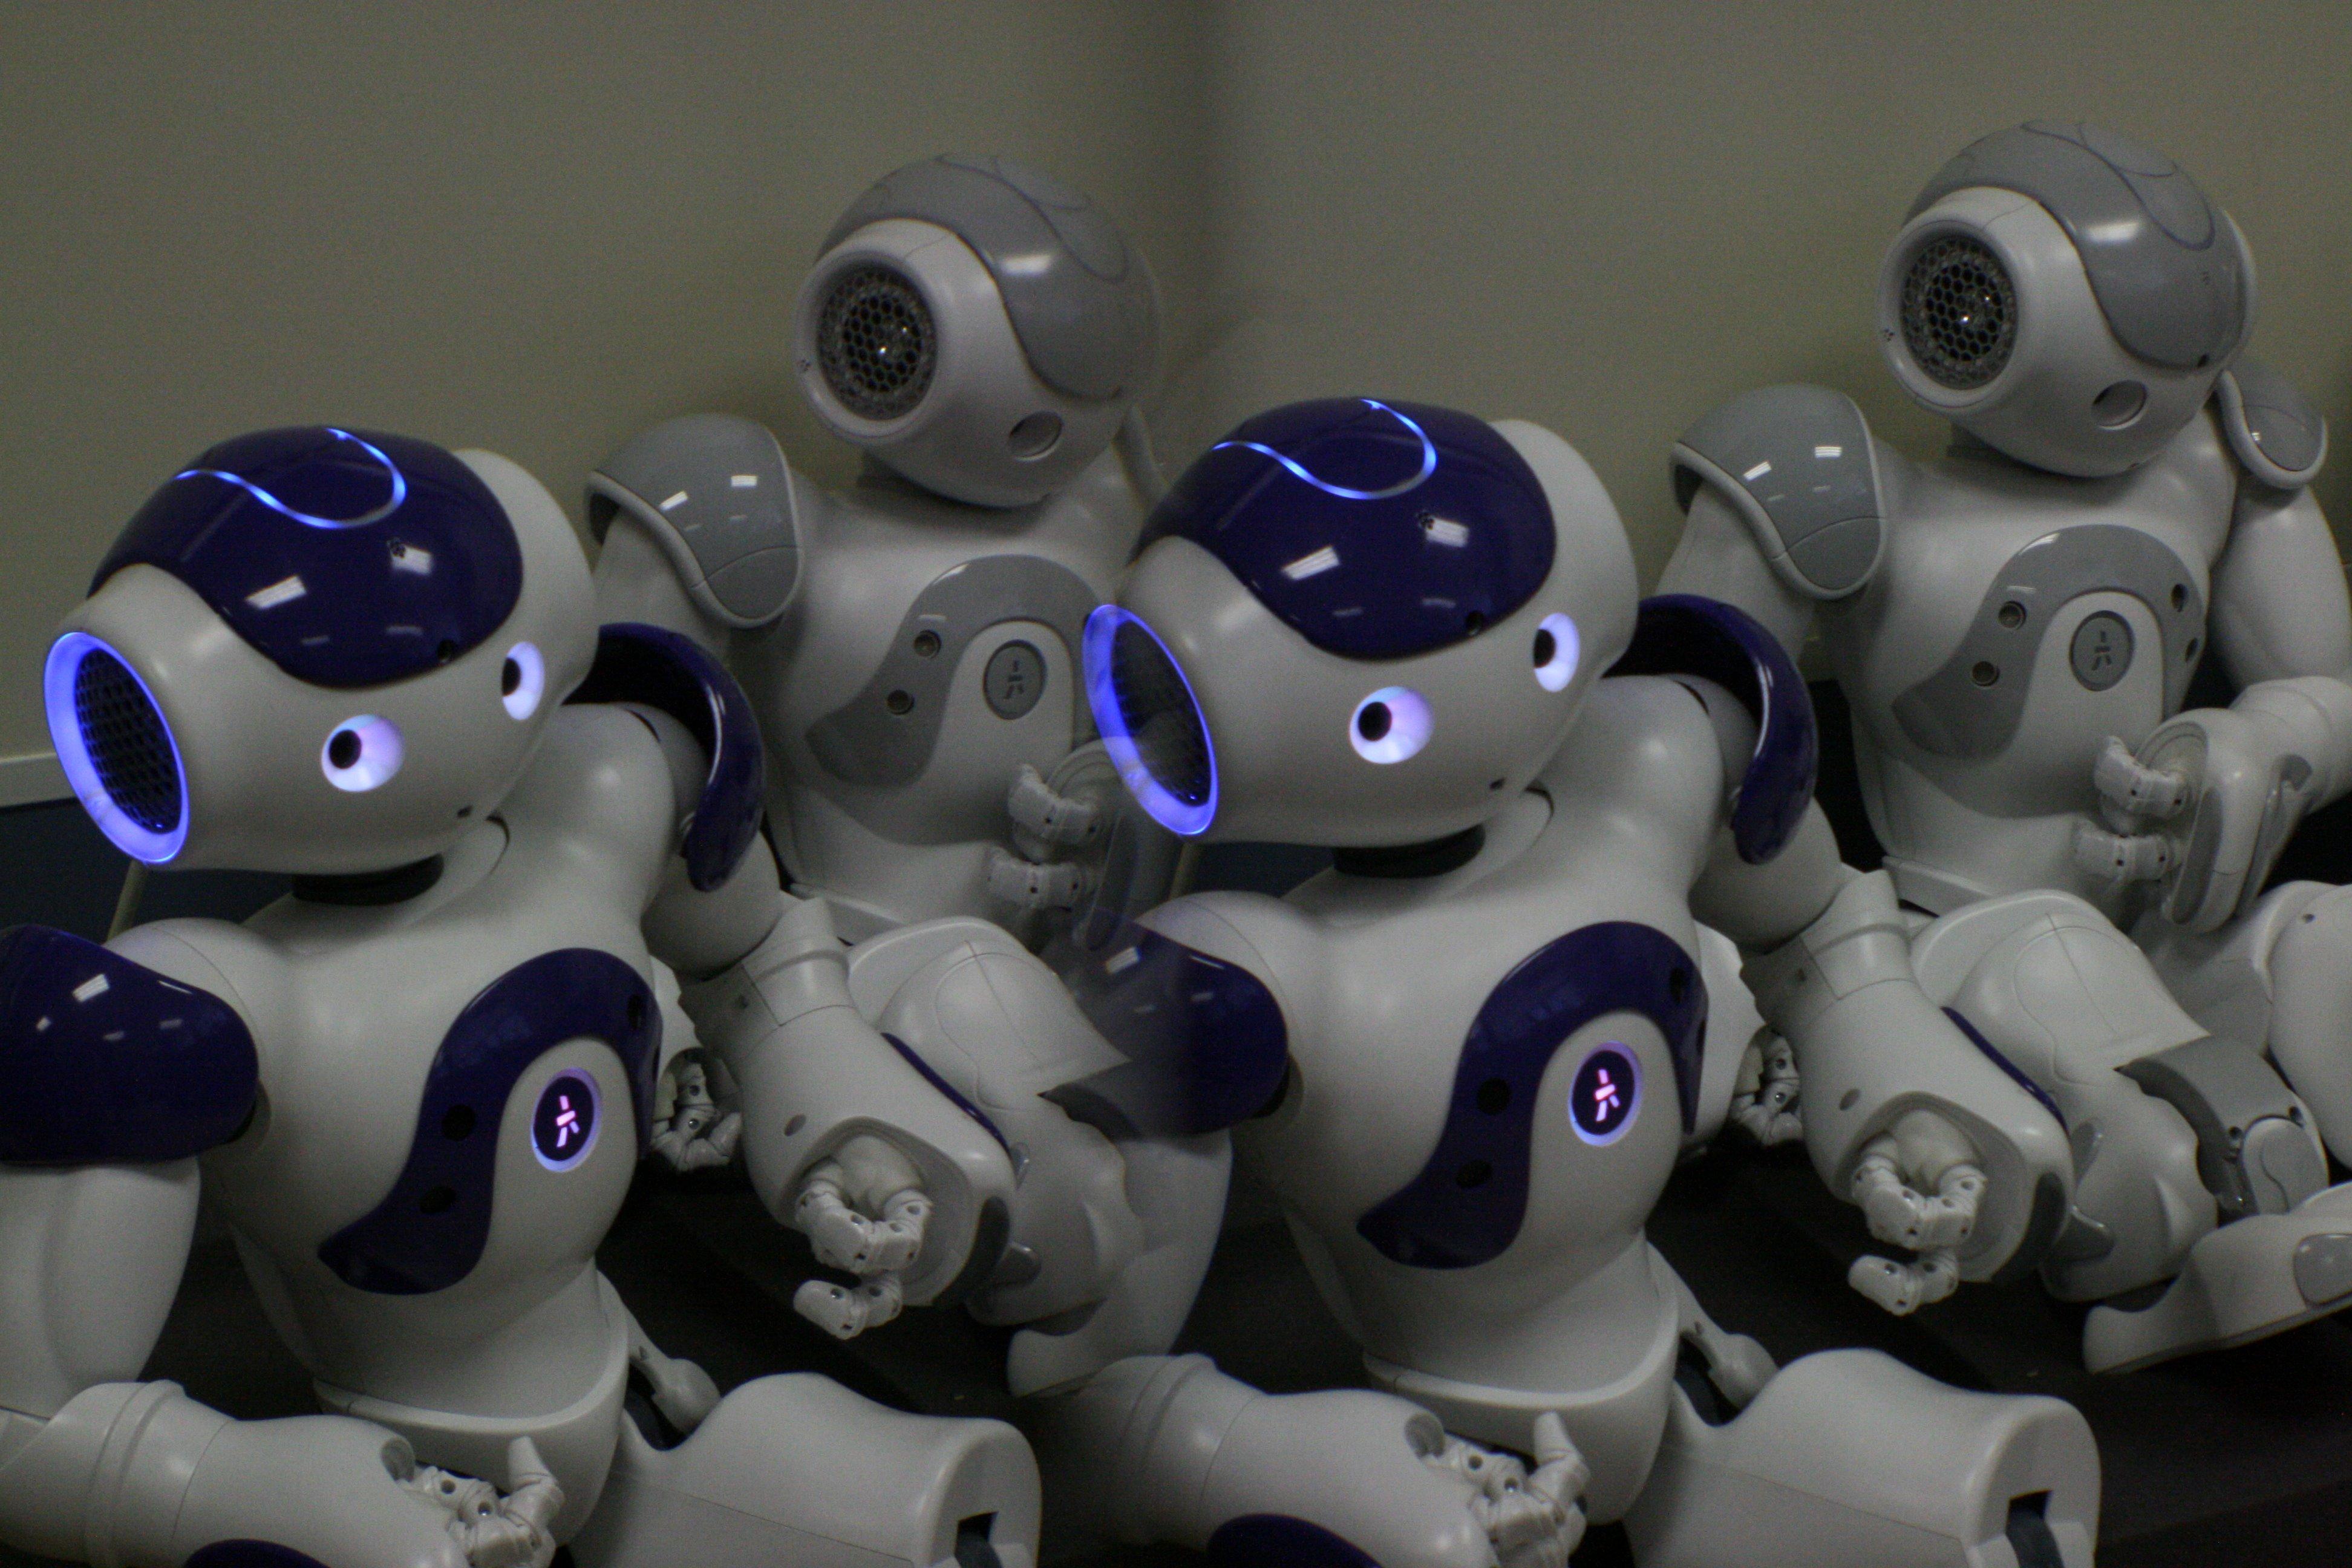 Robot Piscine Plan De Campagne robotique — wikipédia